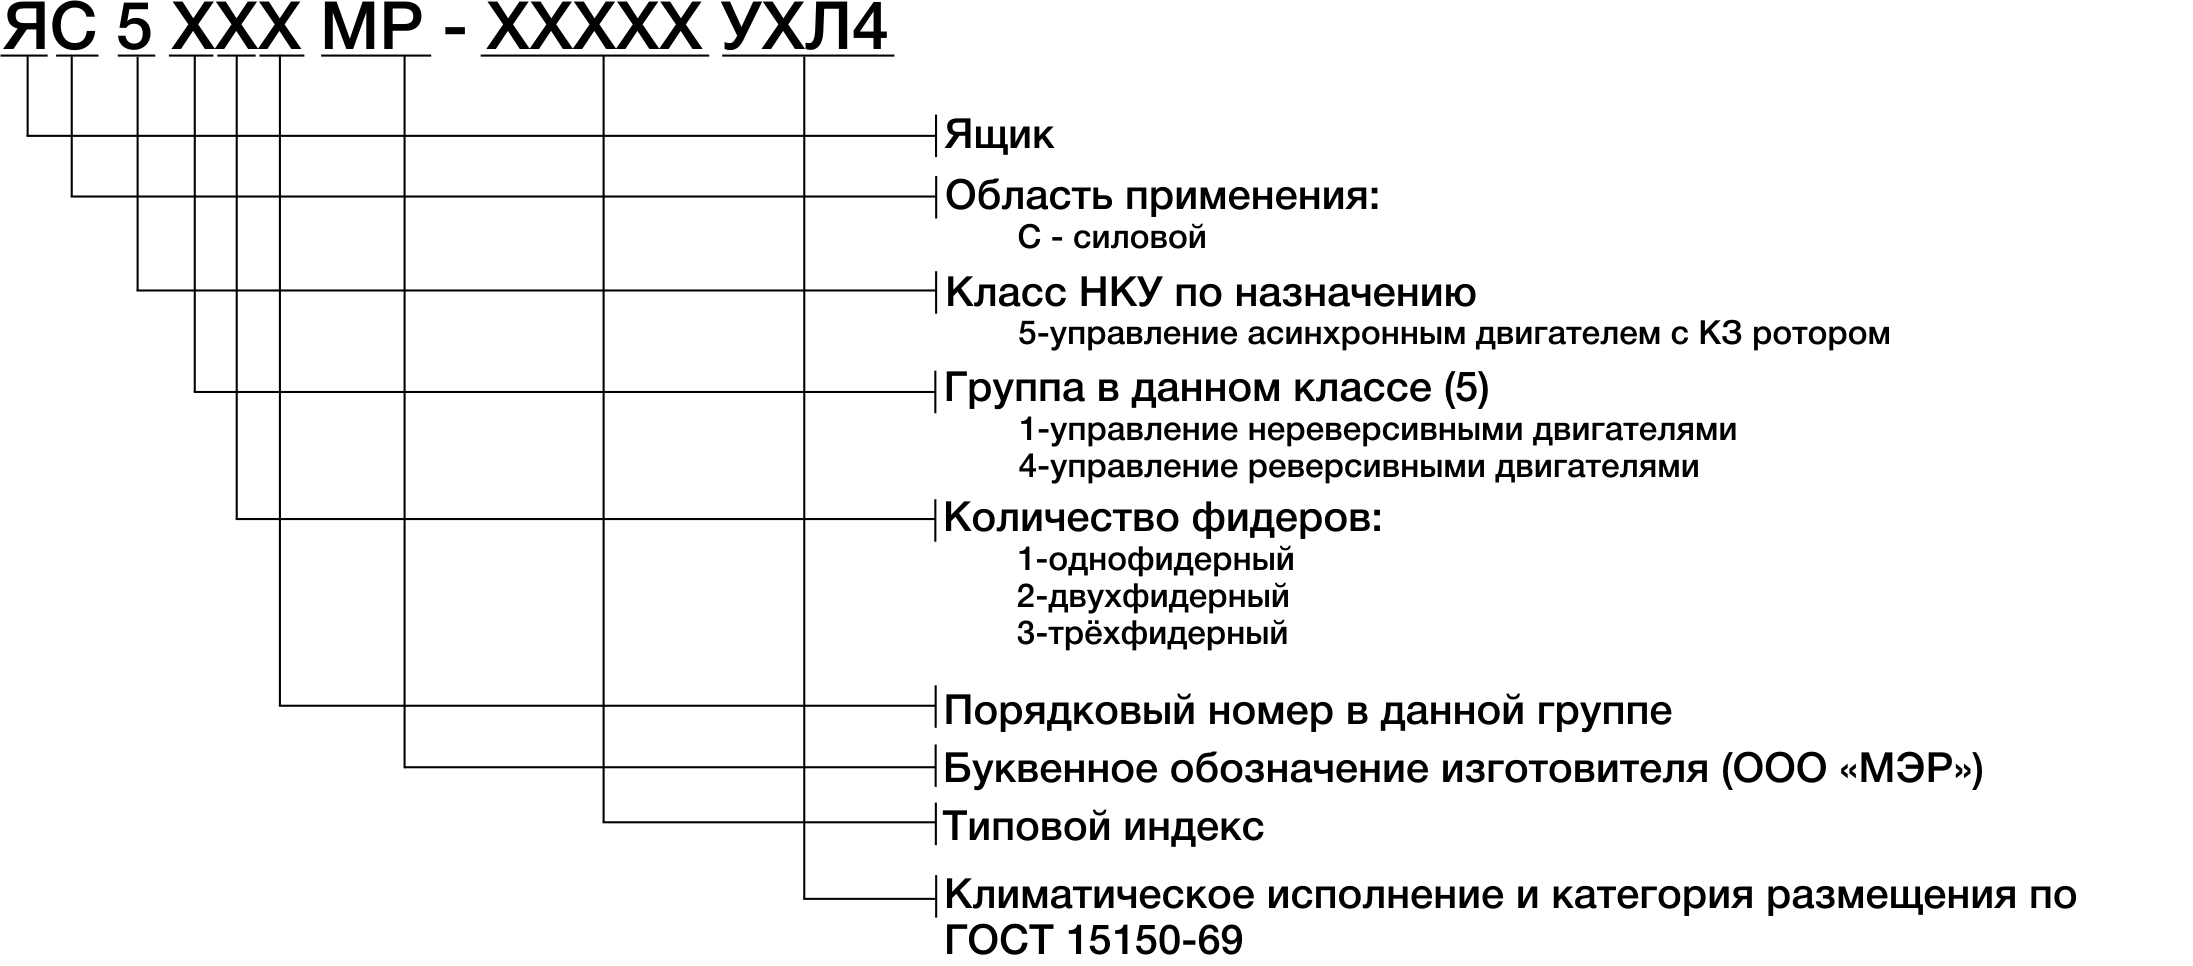 Структура условного обозначения ящиков серии ЯС-5000МР